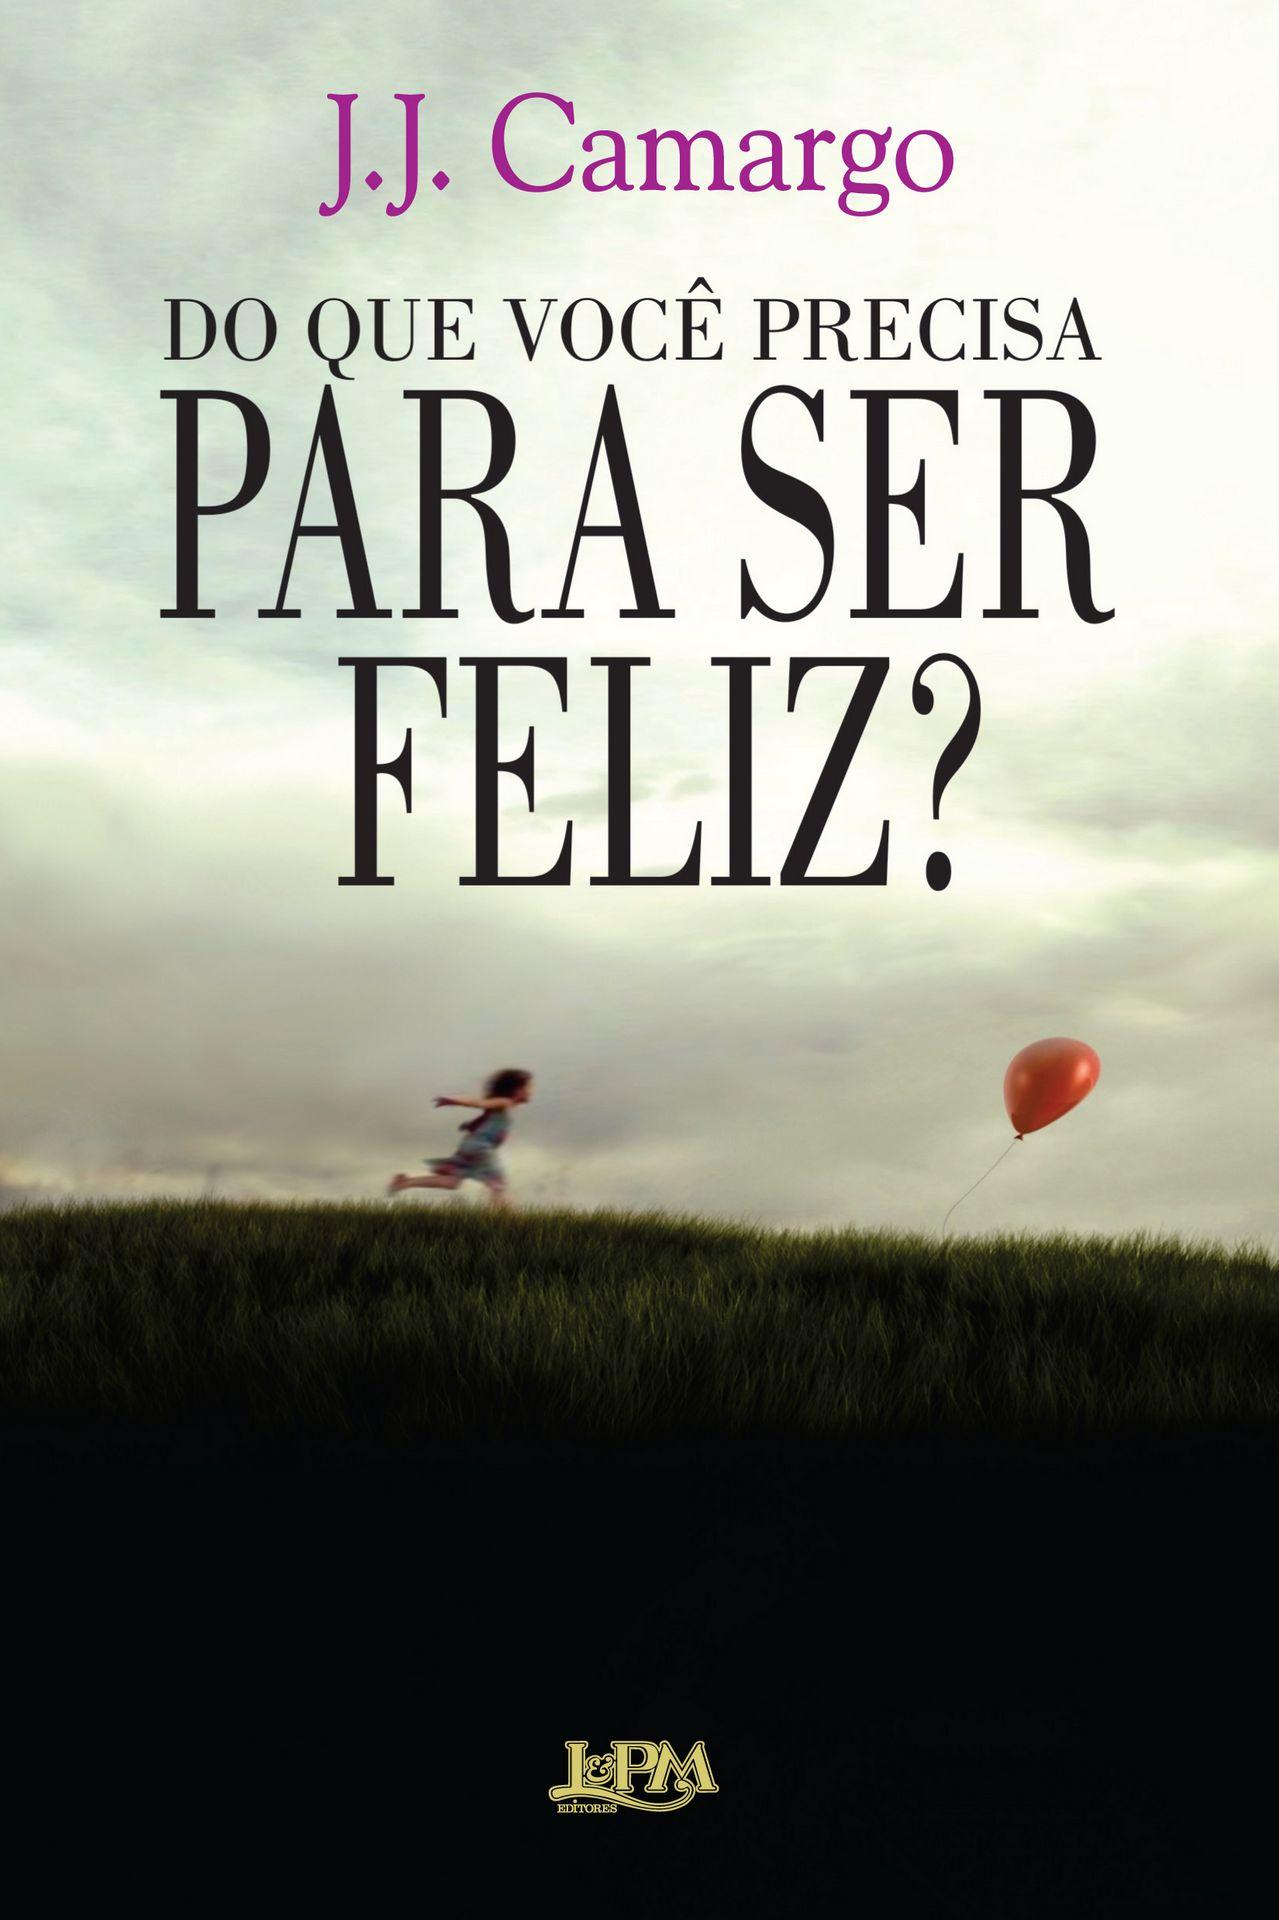 Do_que_voce_precisa_para_ser_feliz